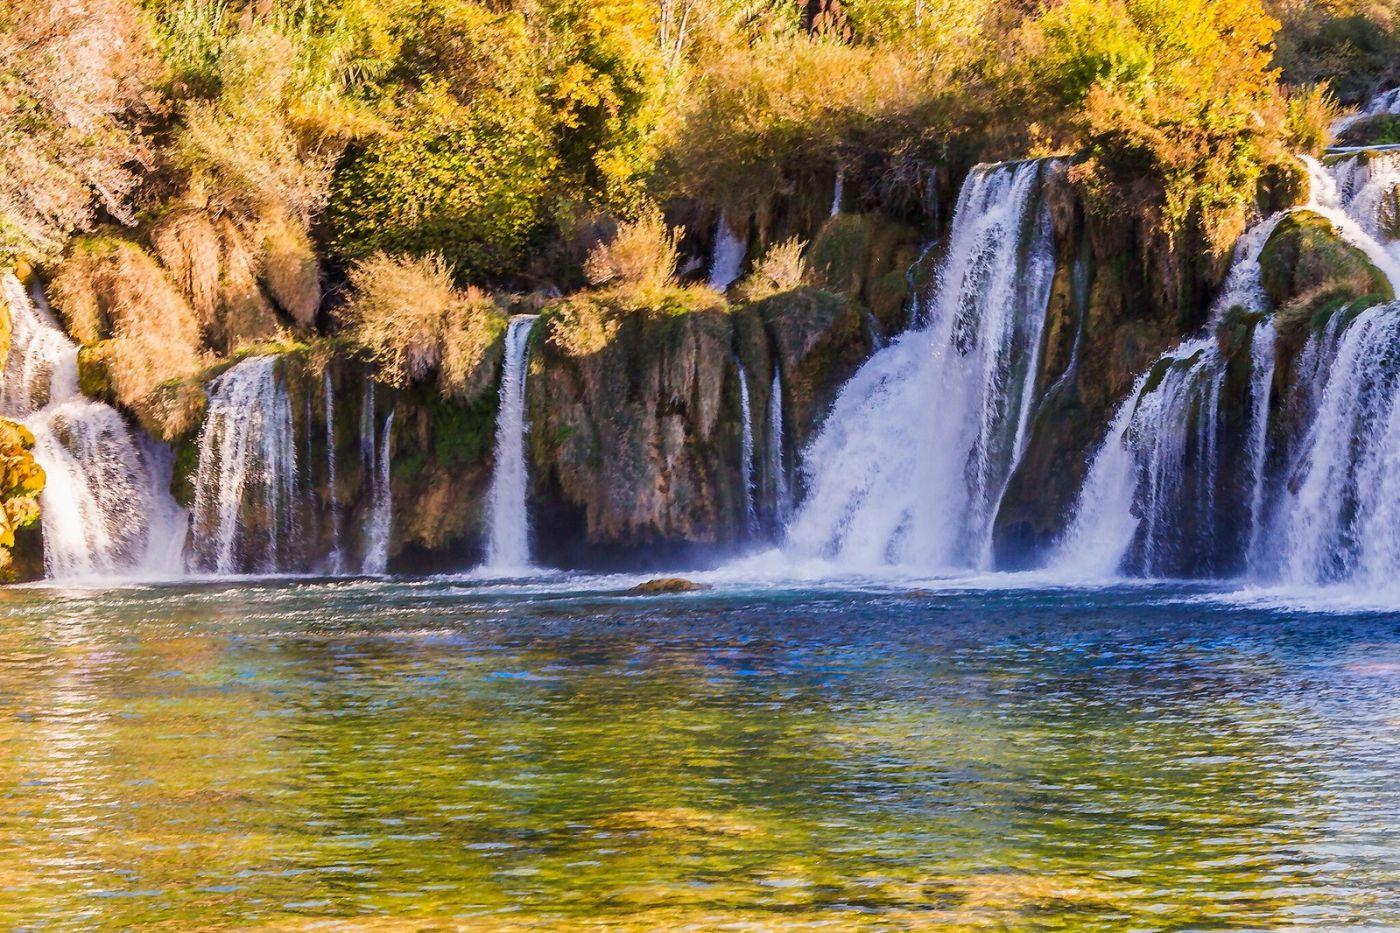 克罗地亚克尔卡国家公园(Krka National Park),瀑布瀑布瀑布_图1-5